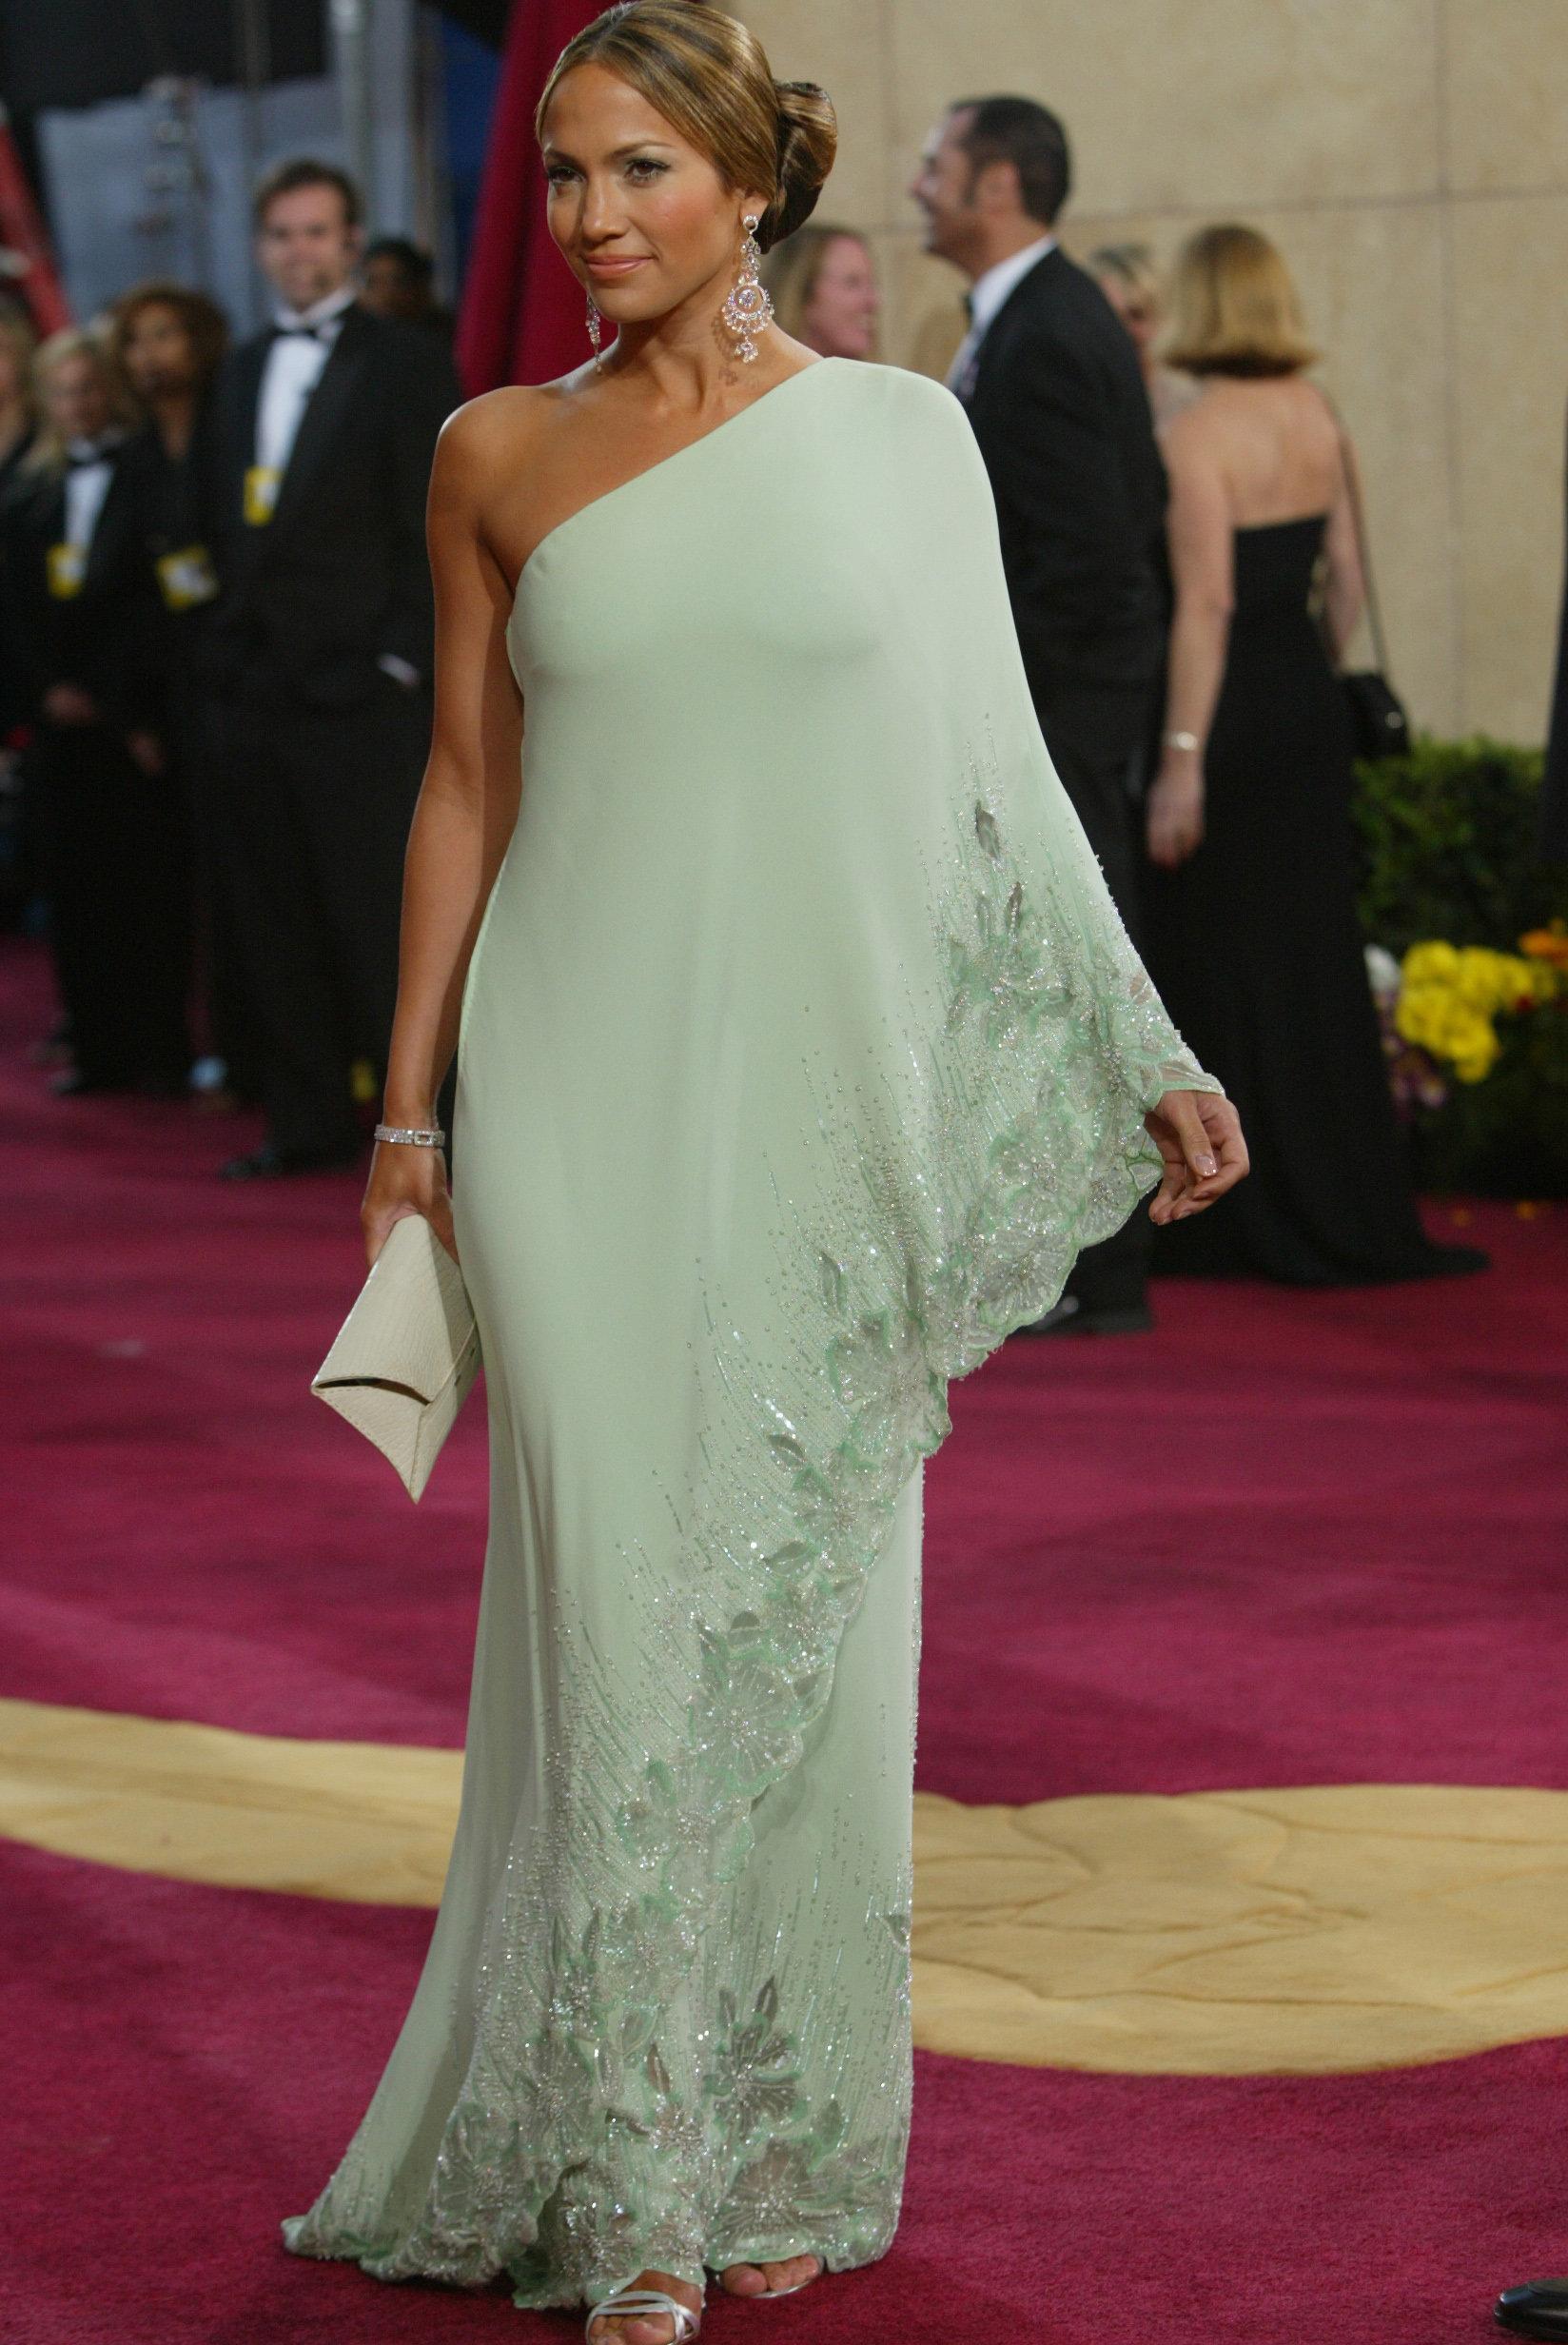 Academy Awards Dresses